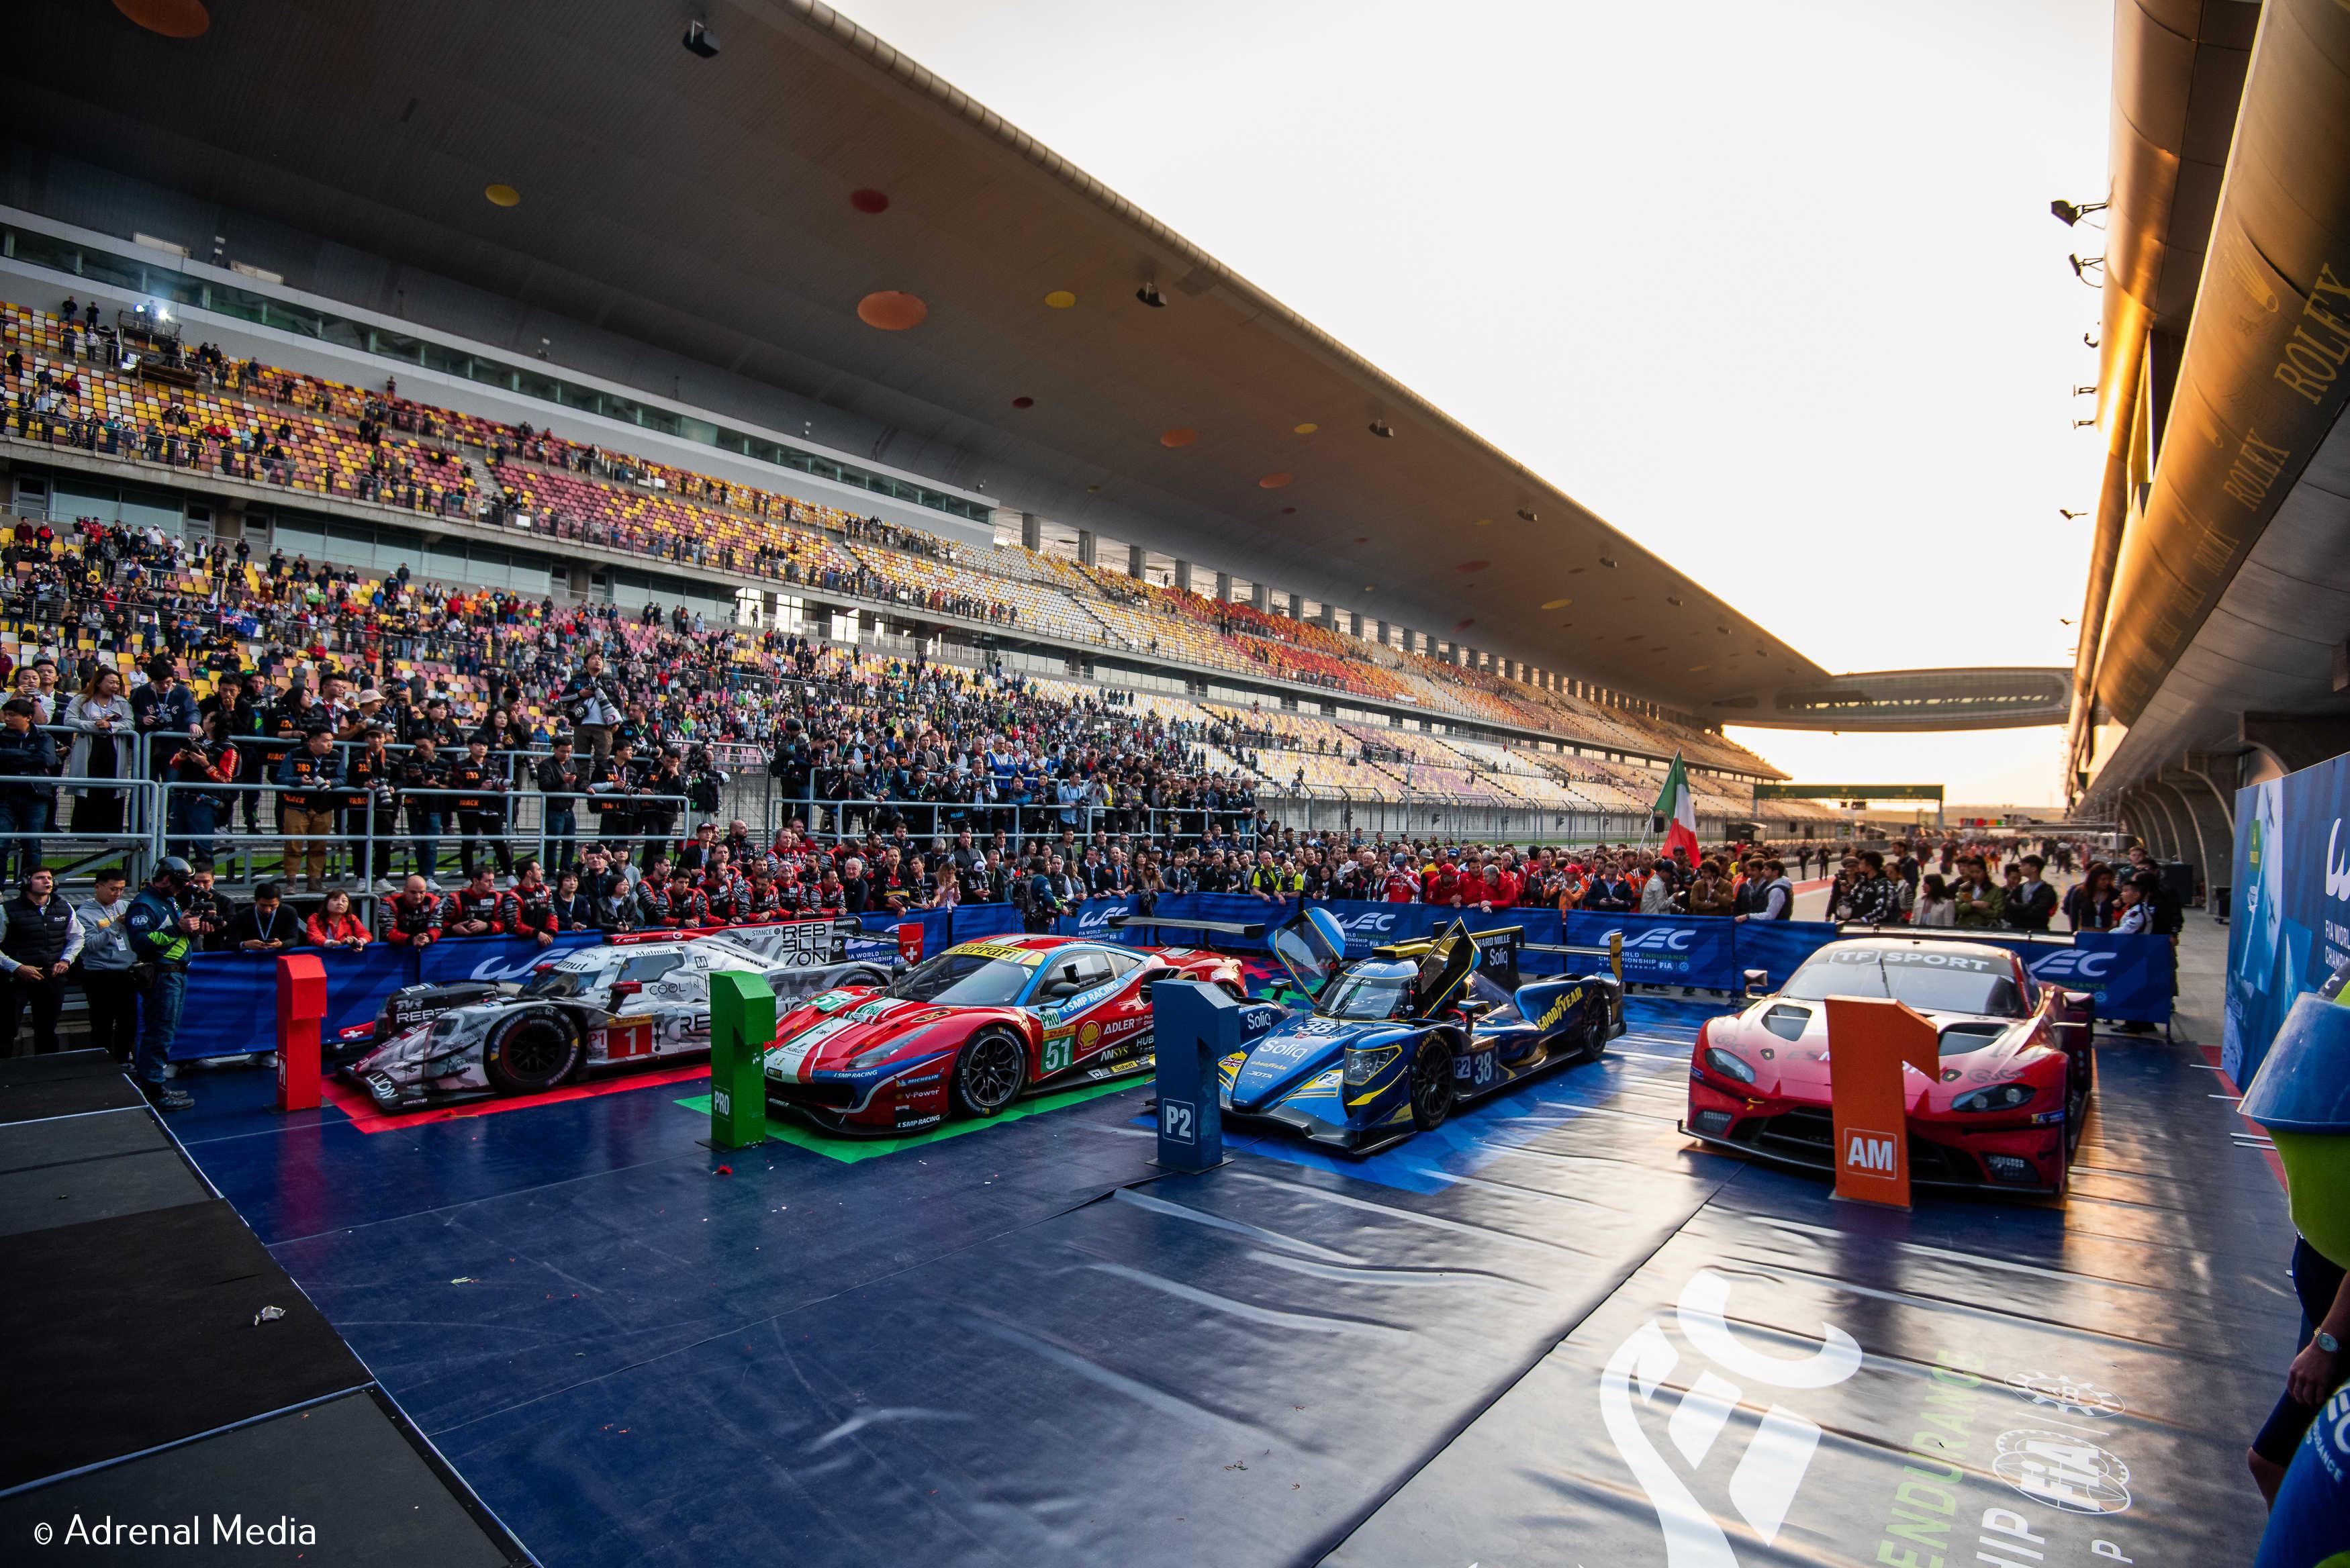 WEC, Bahrain : les Toyota ralenties de 2,51s et 2,72s, la Rebellion de 1,36s et la Ginetta de 0,24s | Endurance info